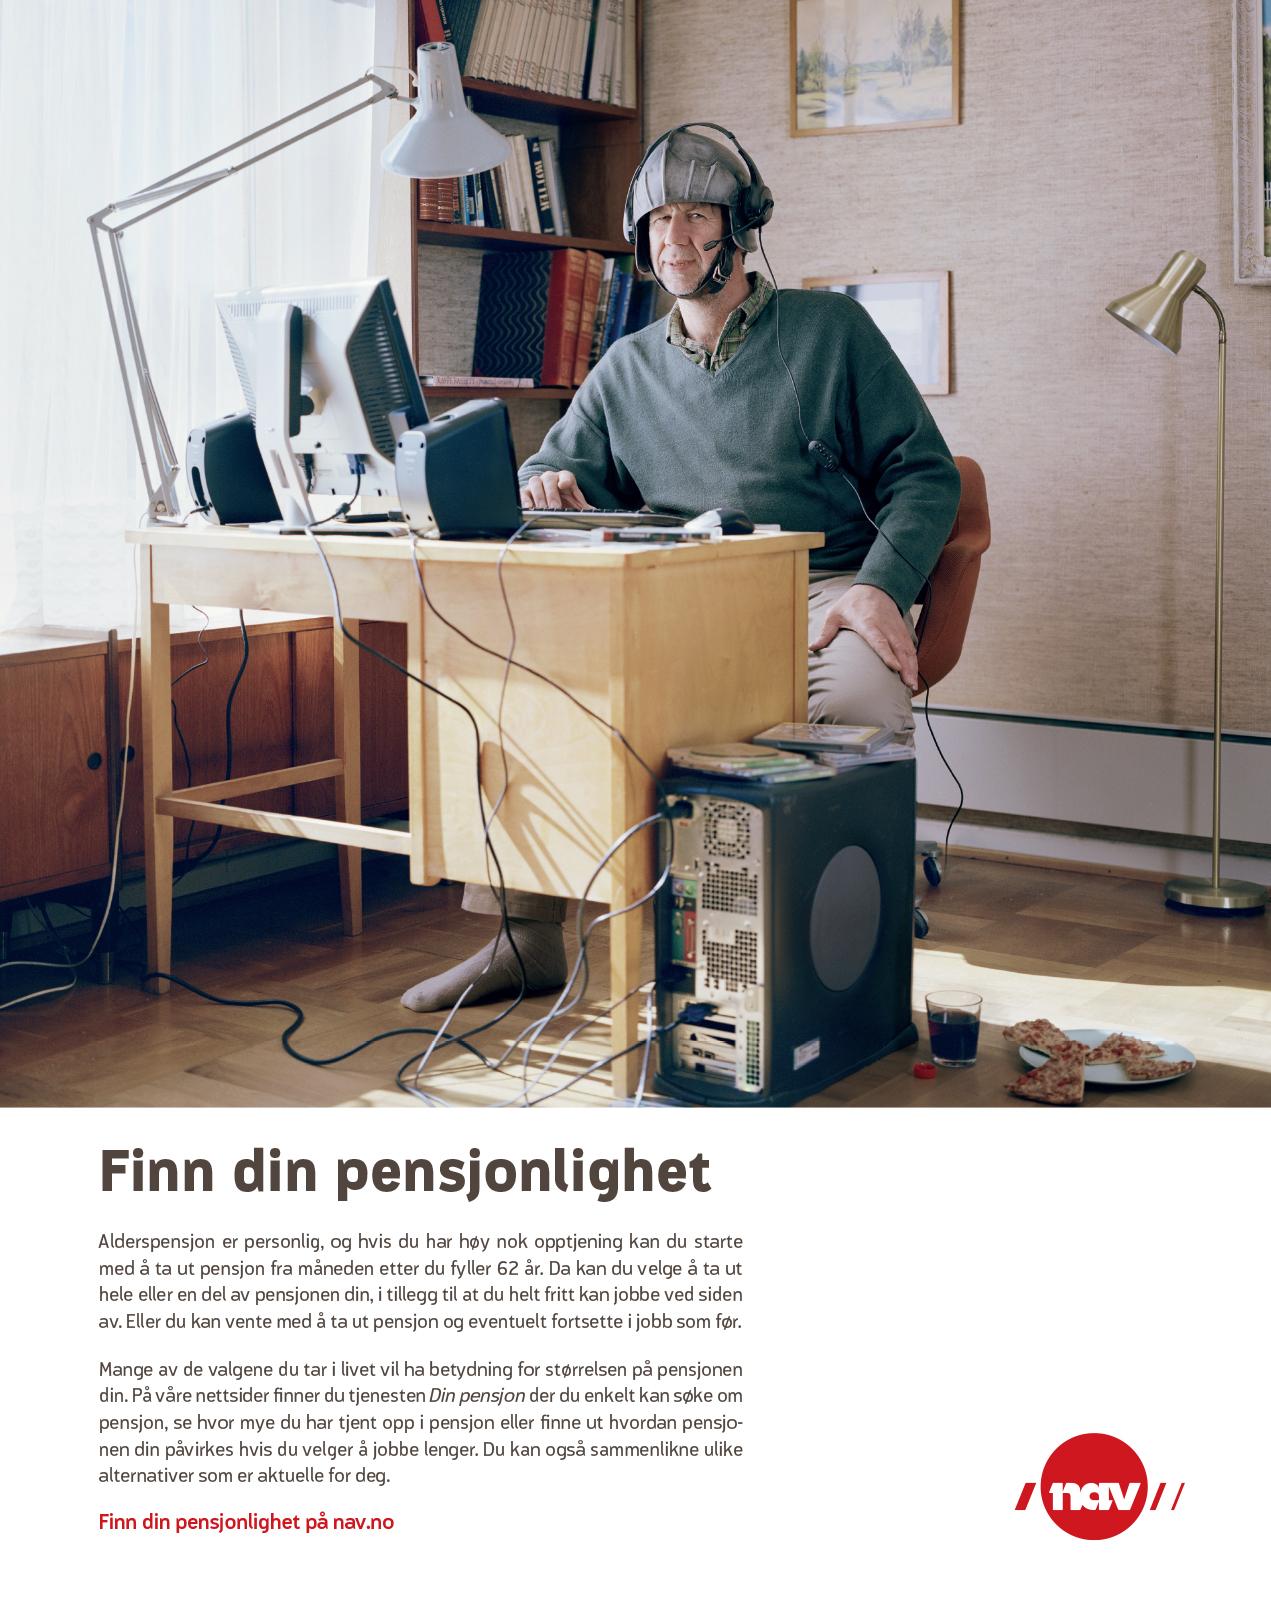 NAV-annonse med gammel mann som dataspiller. Budskap: Finn din pensjonlighet